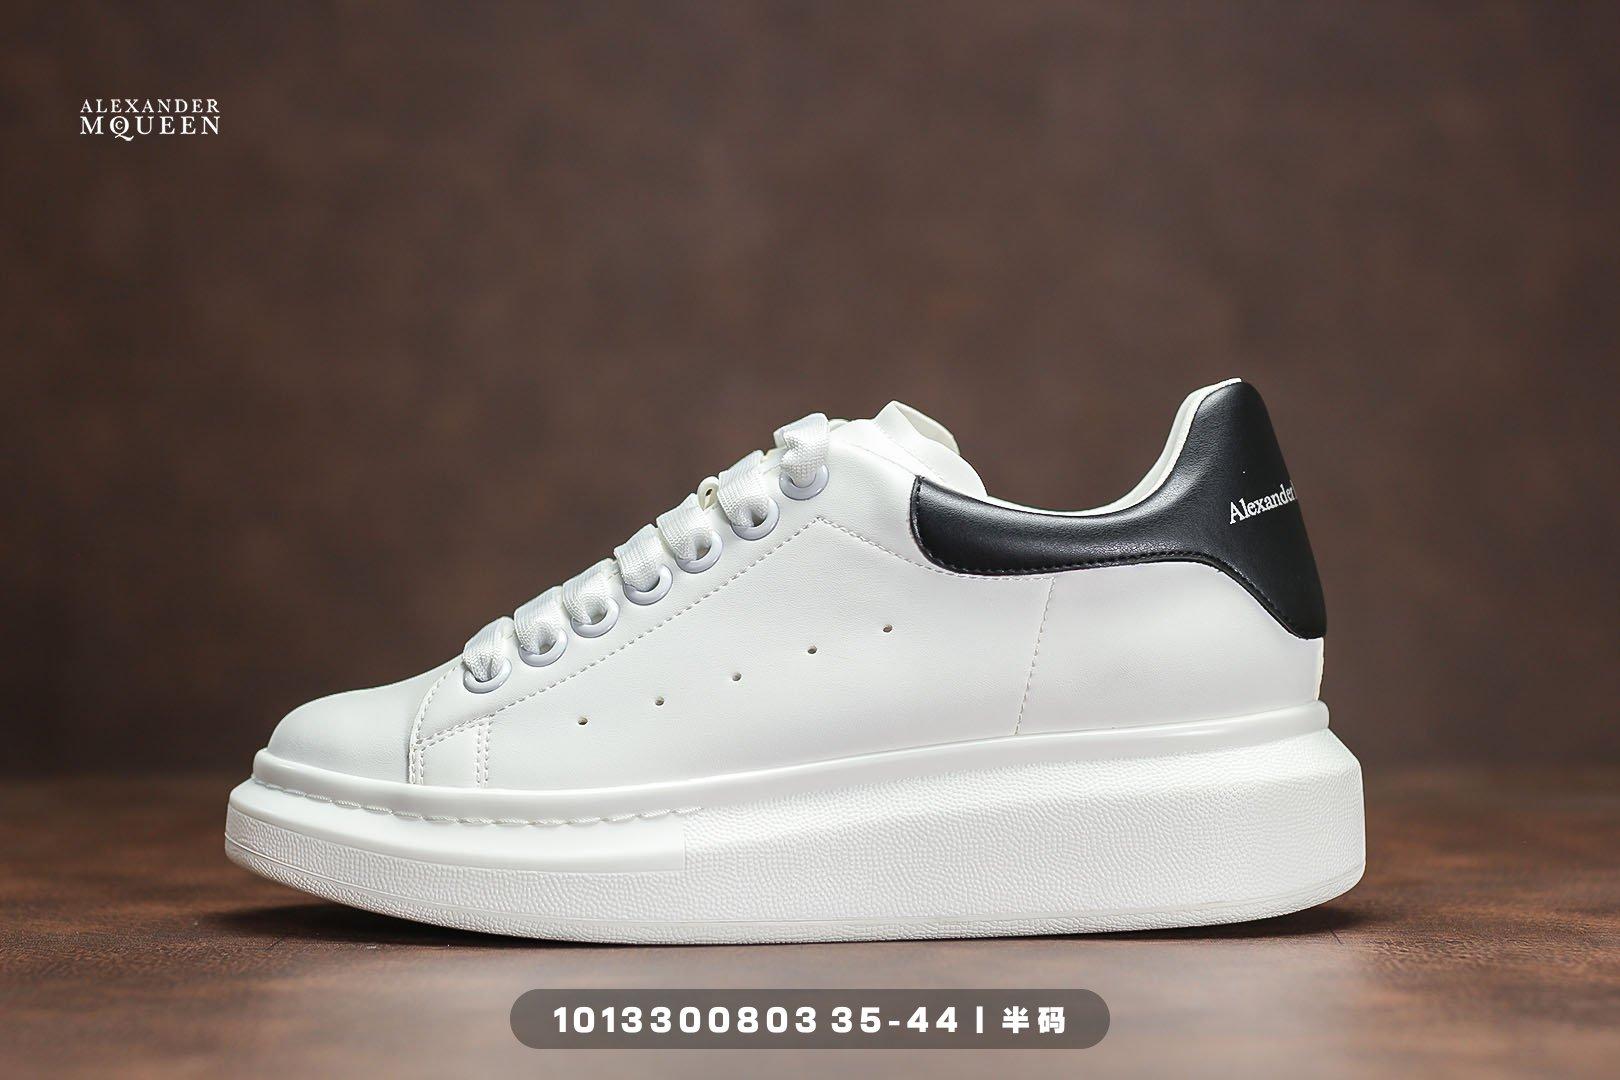 ماكوين صغيرة حذاء أبيض حذاء كاجوال باطن مسطح سميكة القاع الرجال أحذية رياضية الكسندر صحيح زوجين حذاء كاجوال